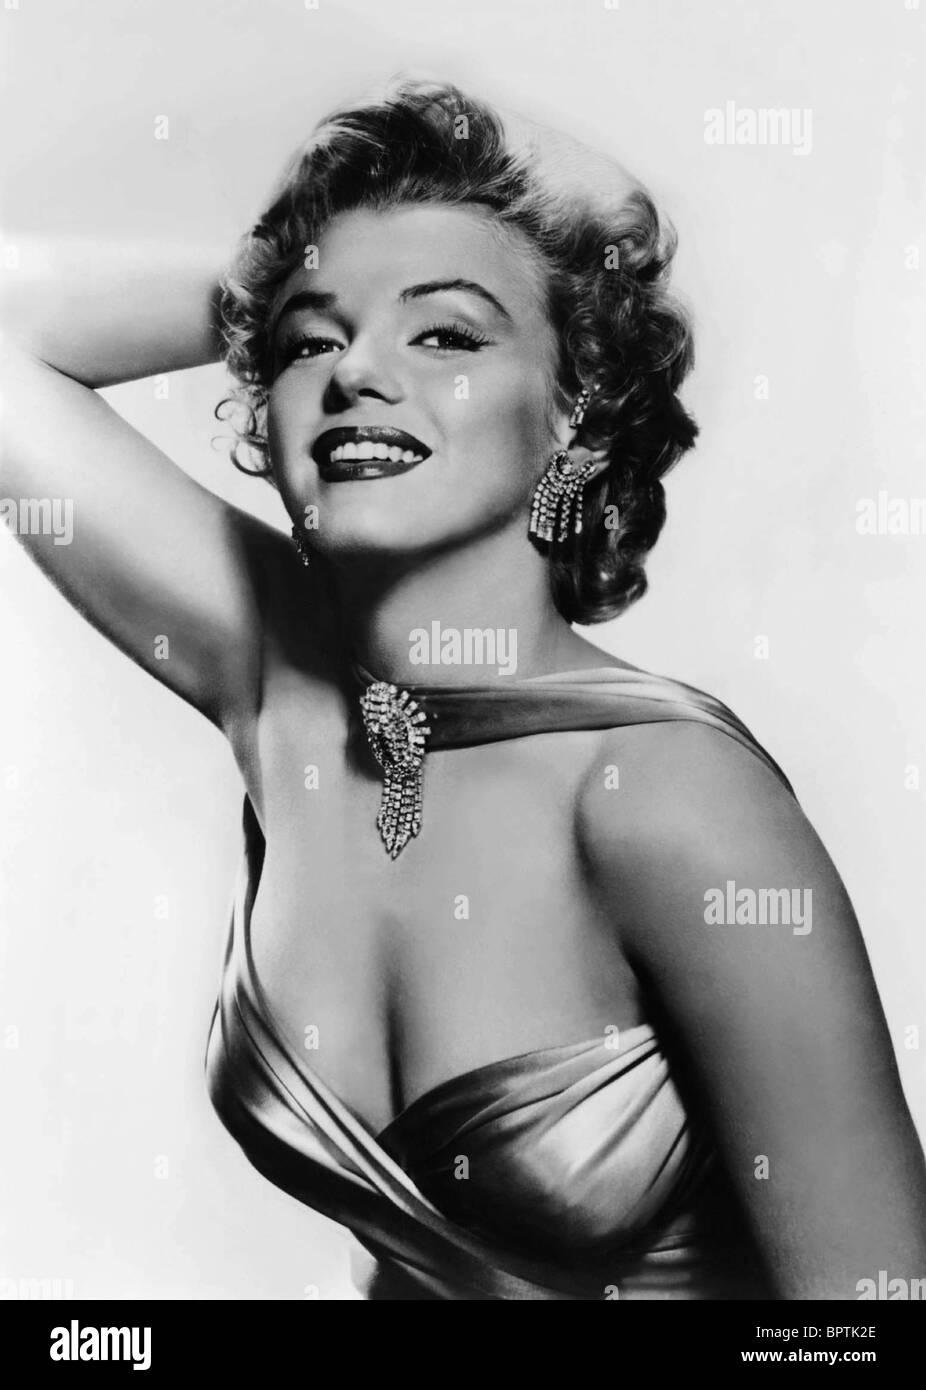 MARILYN MONROE ACTRESS (1956) - Stock Image